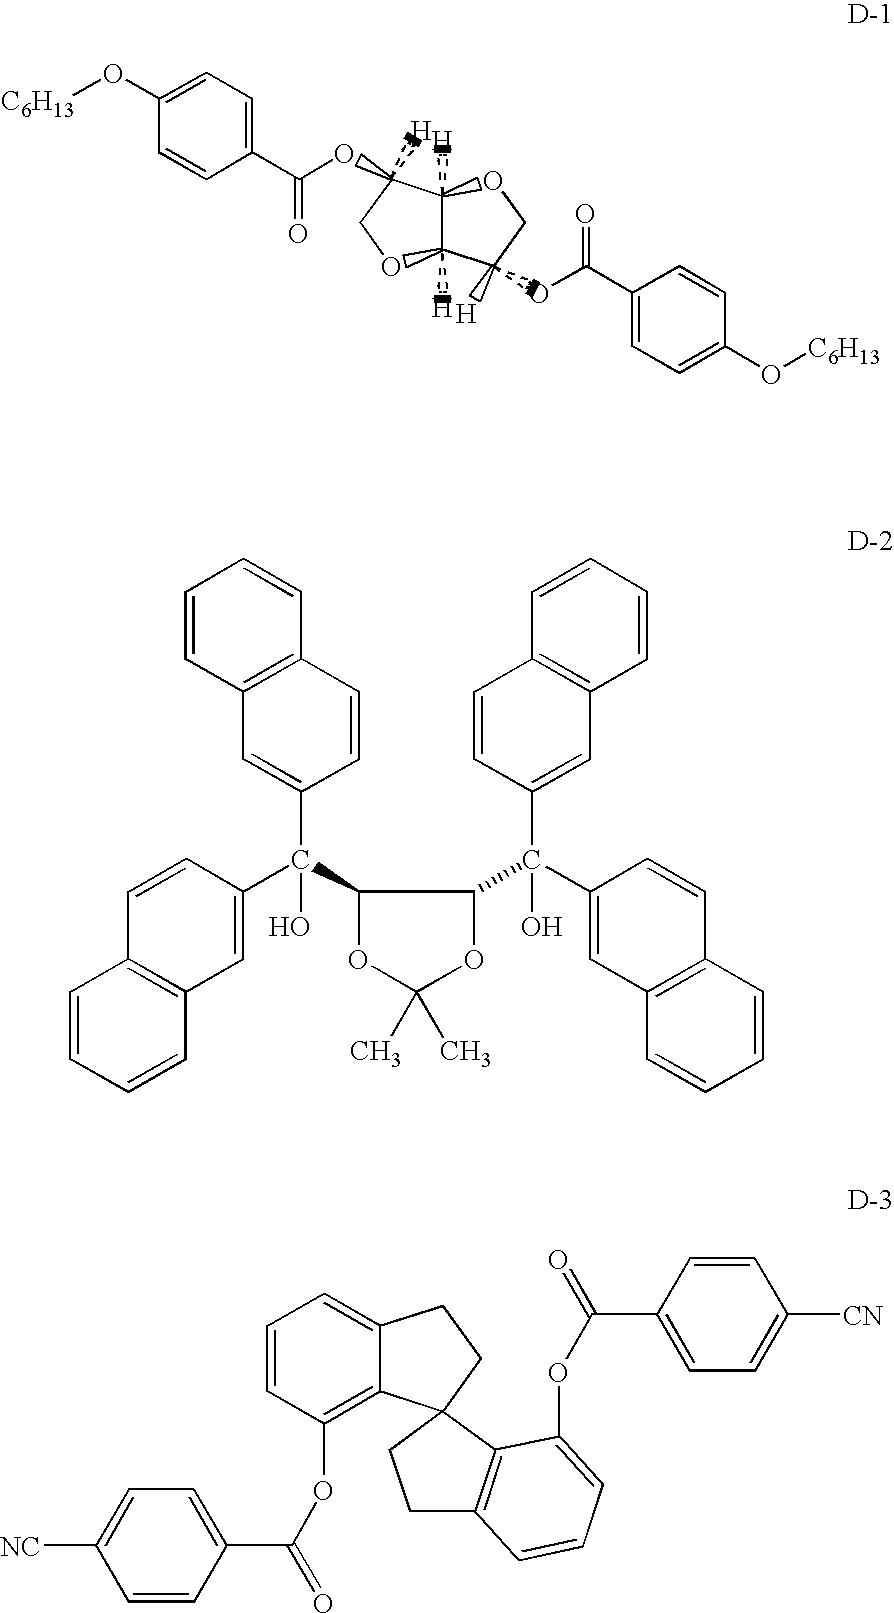 Figure US07630029-20091208-C00002